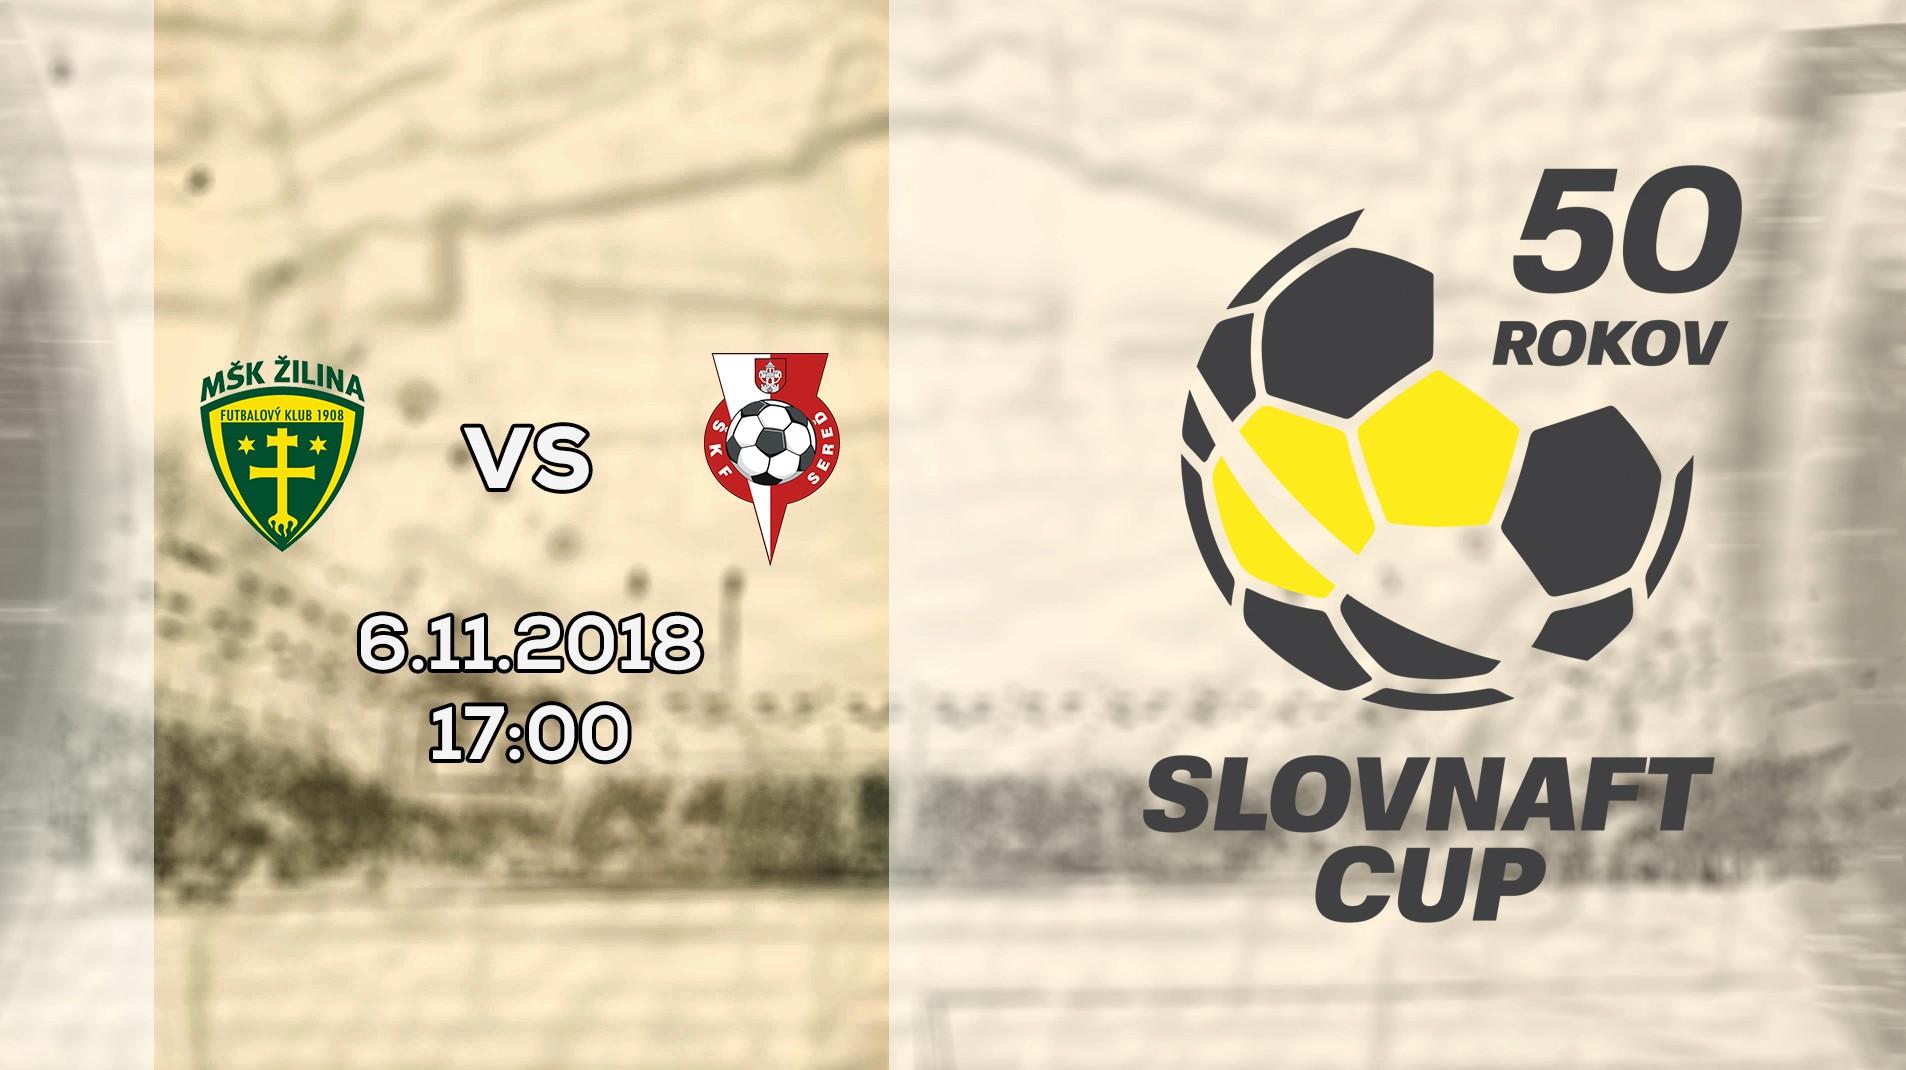 LIVE: SLOVNAFT CUP: 6. NOVEMBRA 2018, 17:00 MŠK ŽILINA – ŠKF iCLINIC SEREĎ